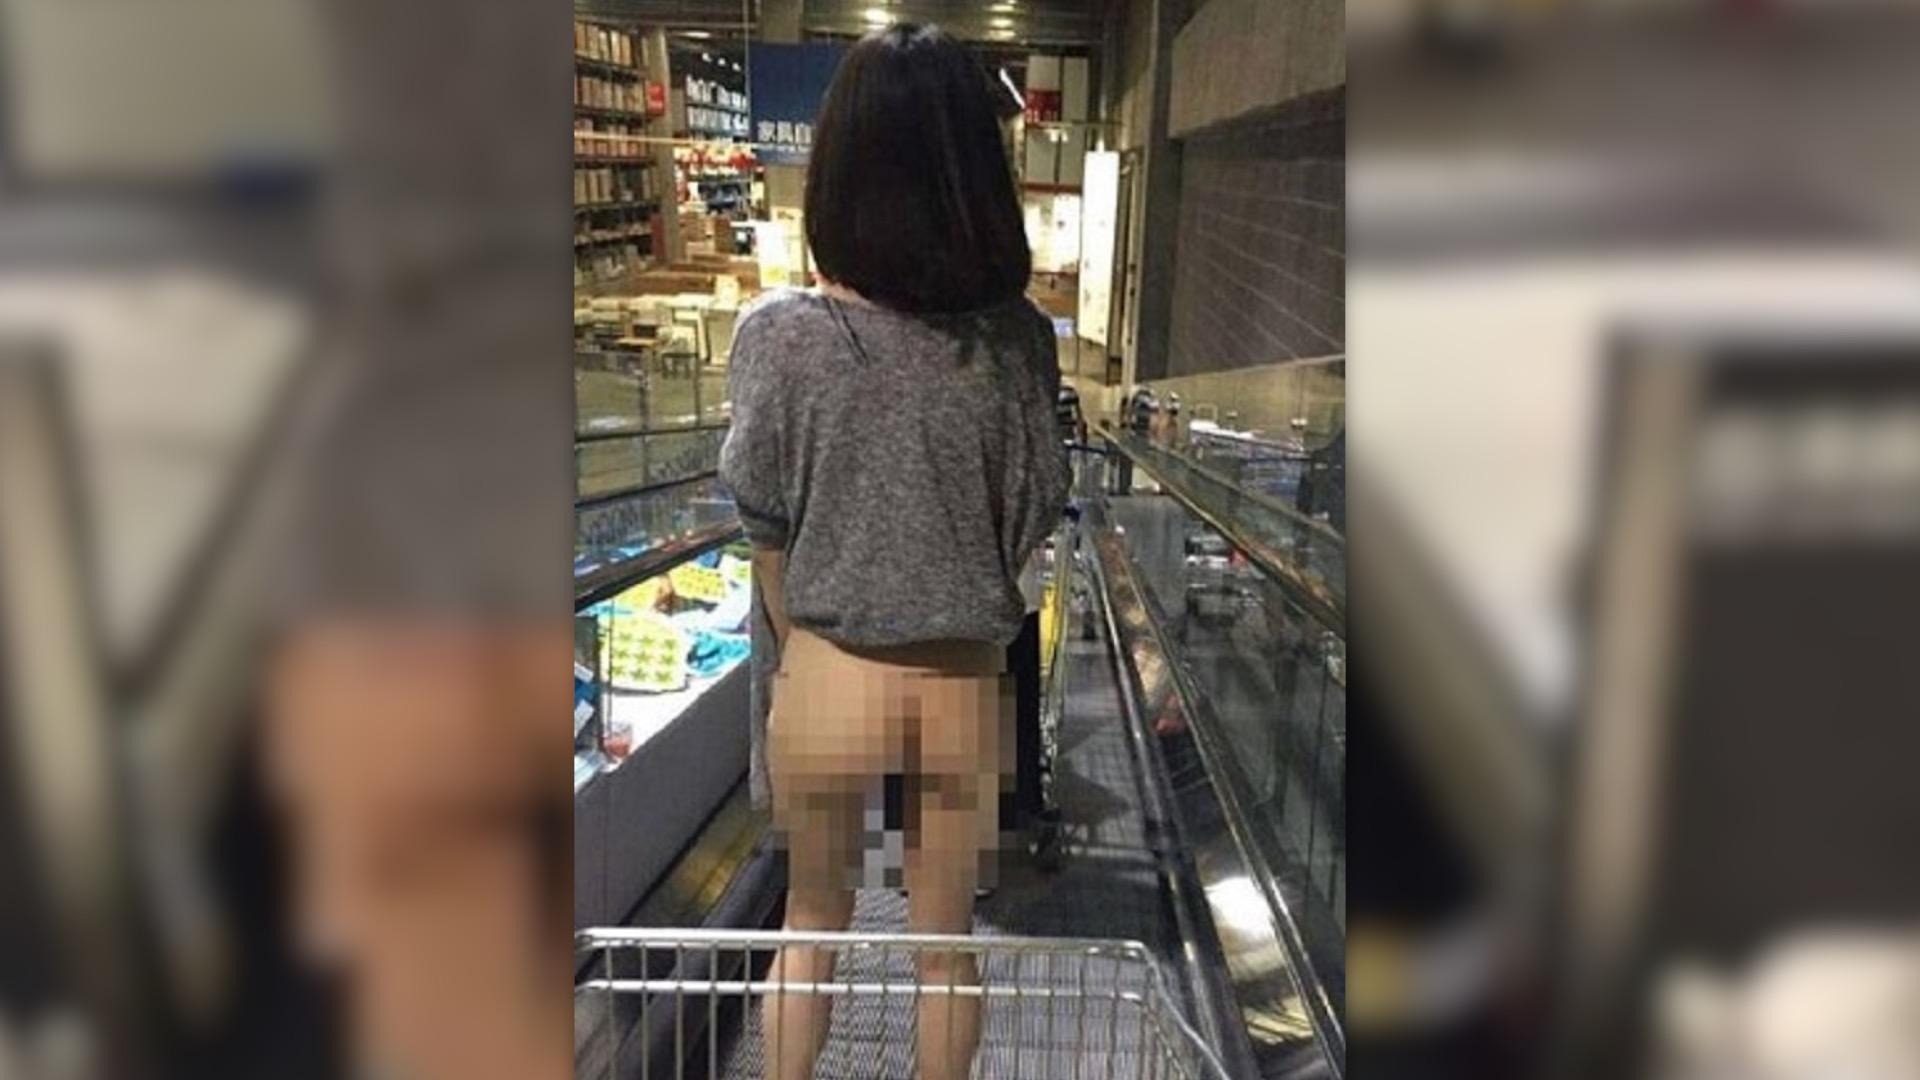 Al Entregar Una Pizza Sale Una Chica Desnuda una mujer china captada en foto mientras compra en ikea desnuda